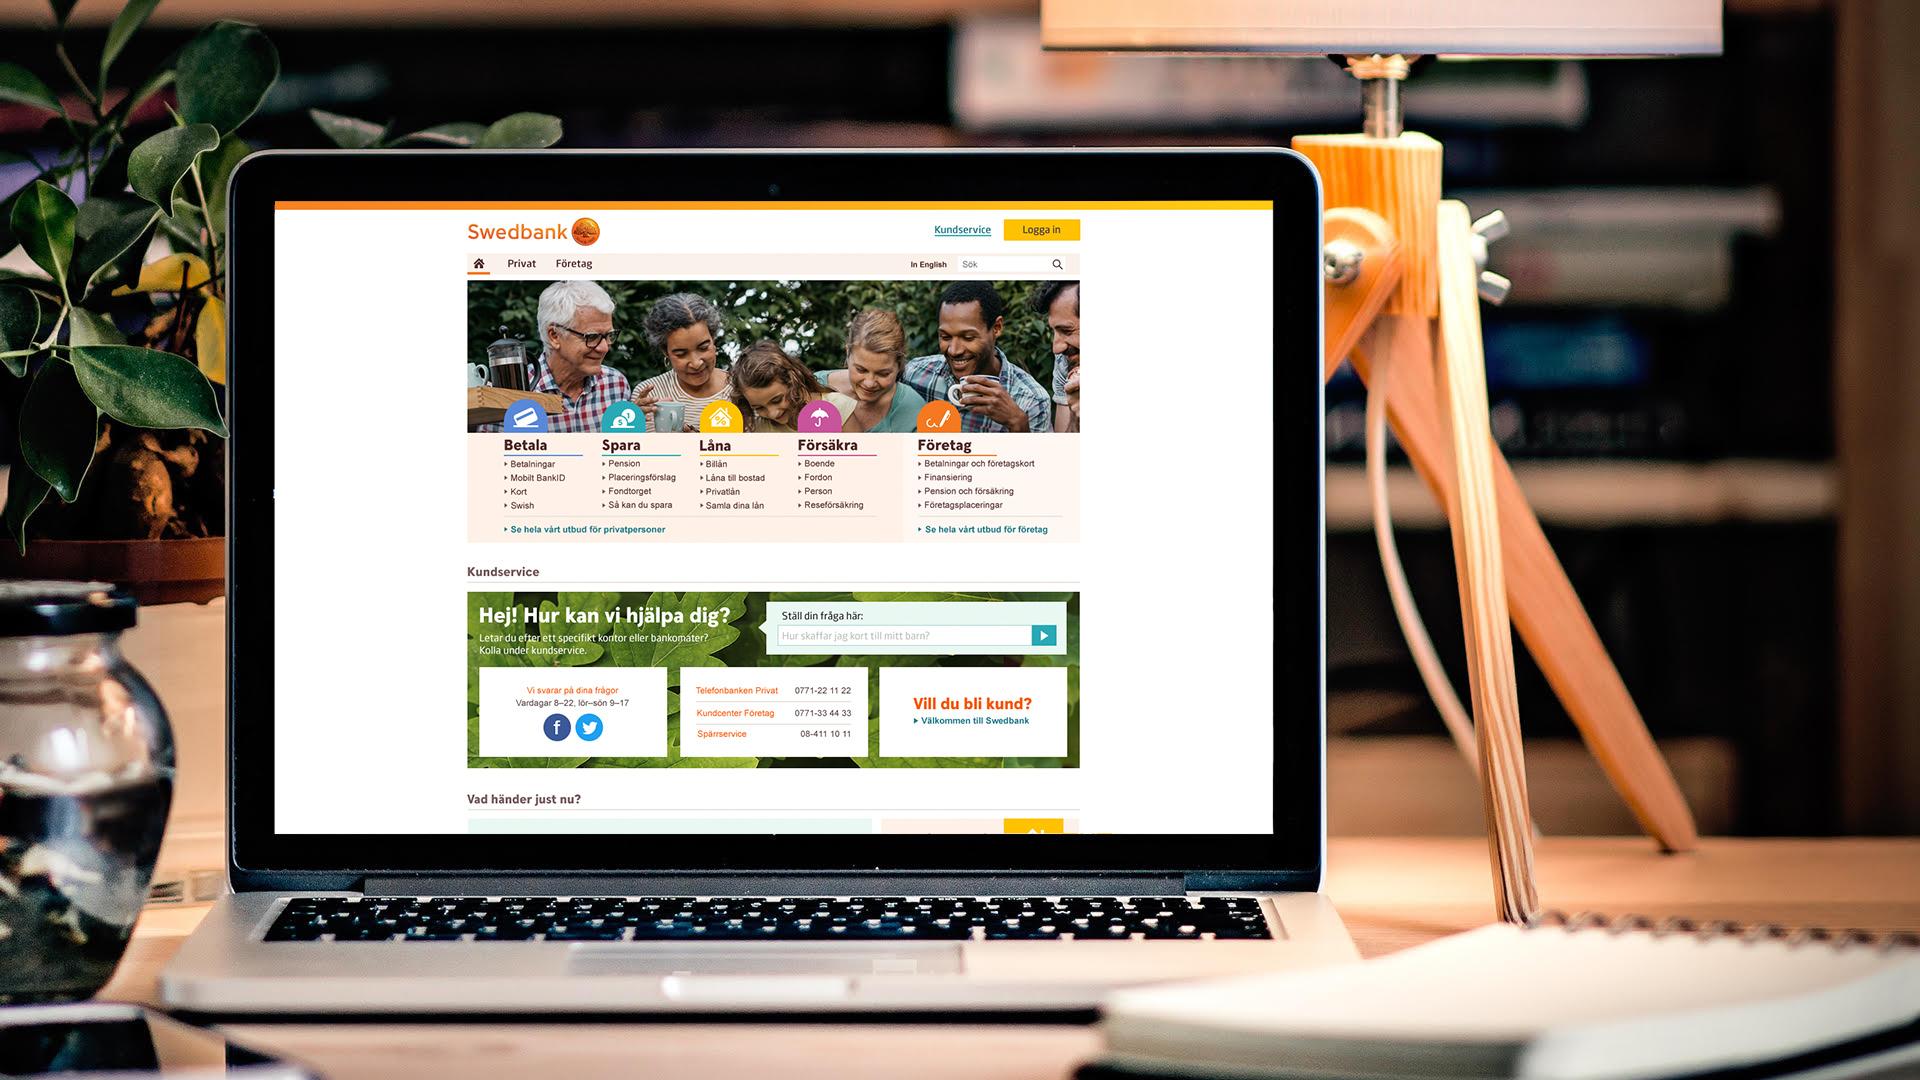 Swedbank identity start page